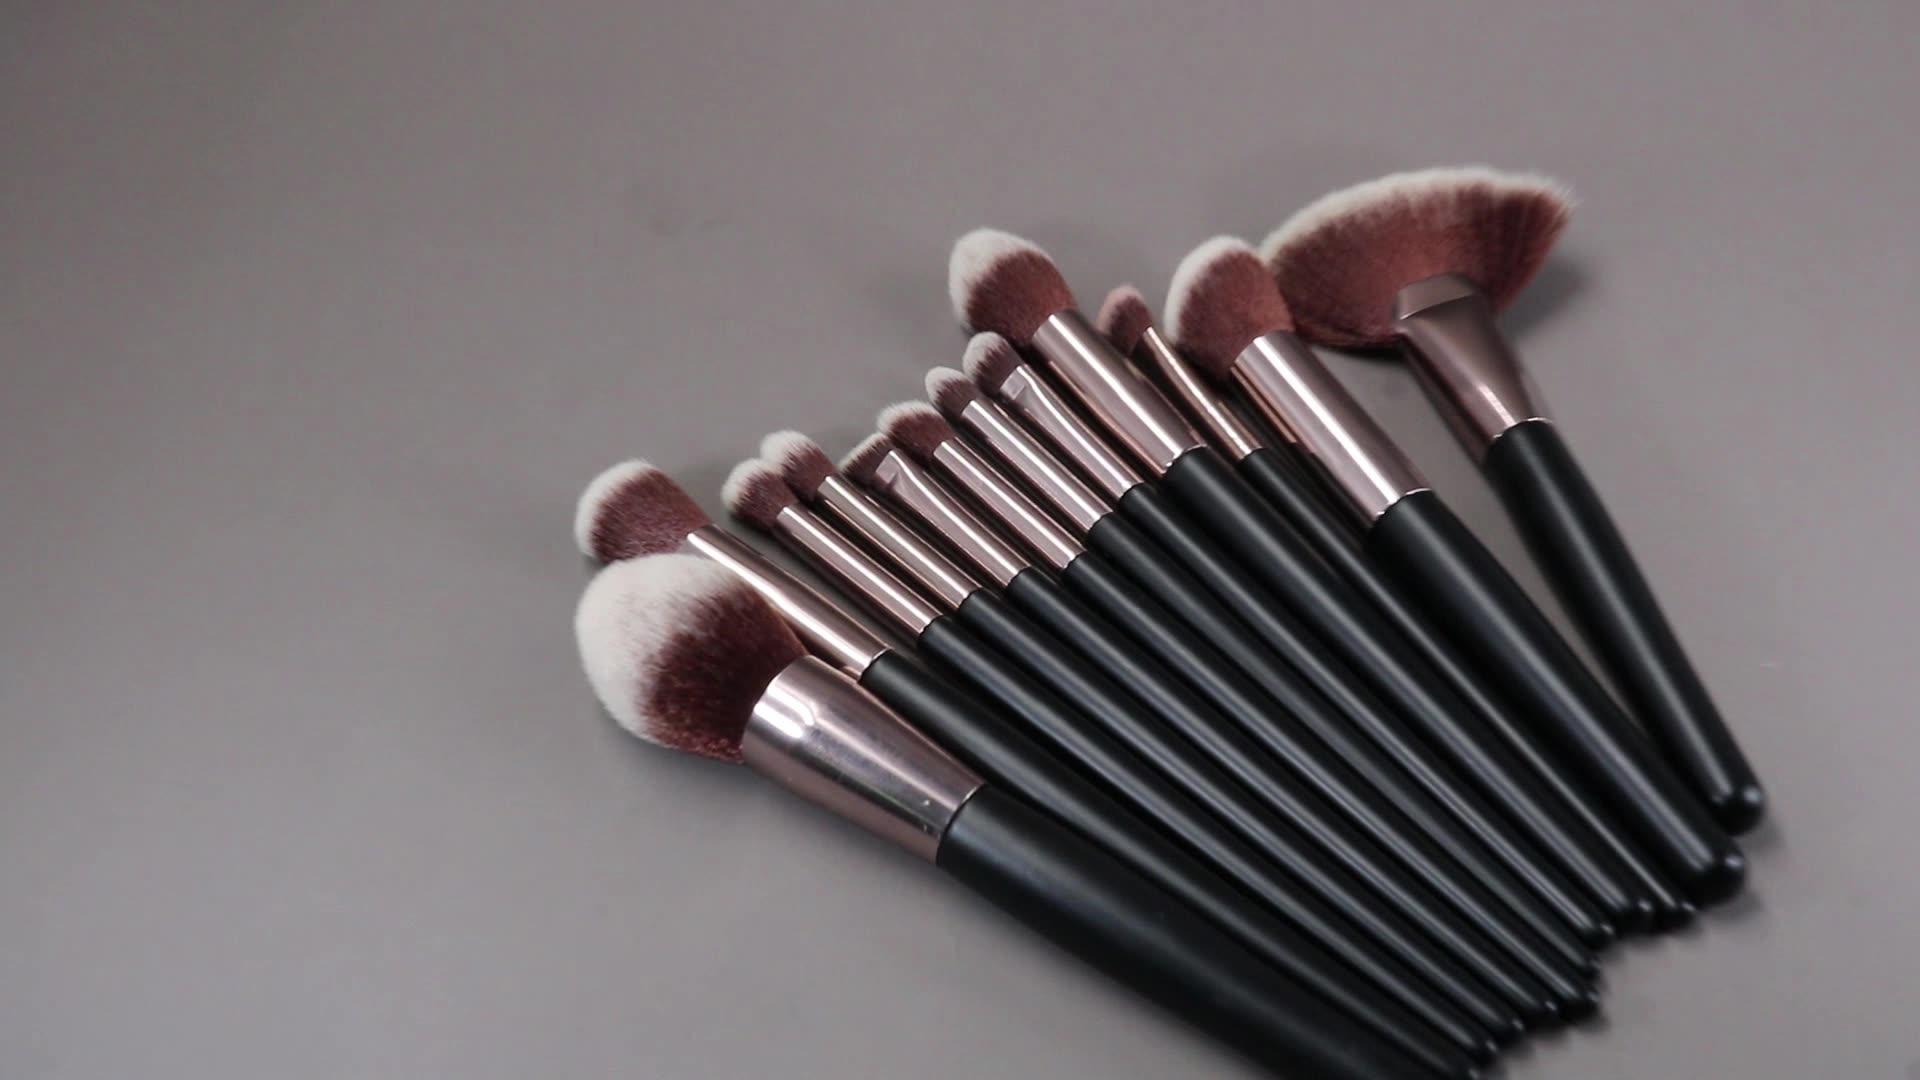 화이트 블랙 여성용 브러쉬 전문 단일 양면 듀오 메이크업 브러쉬 화장품 퍼프 파우더 파운데이션 브러쉬